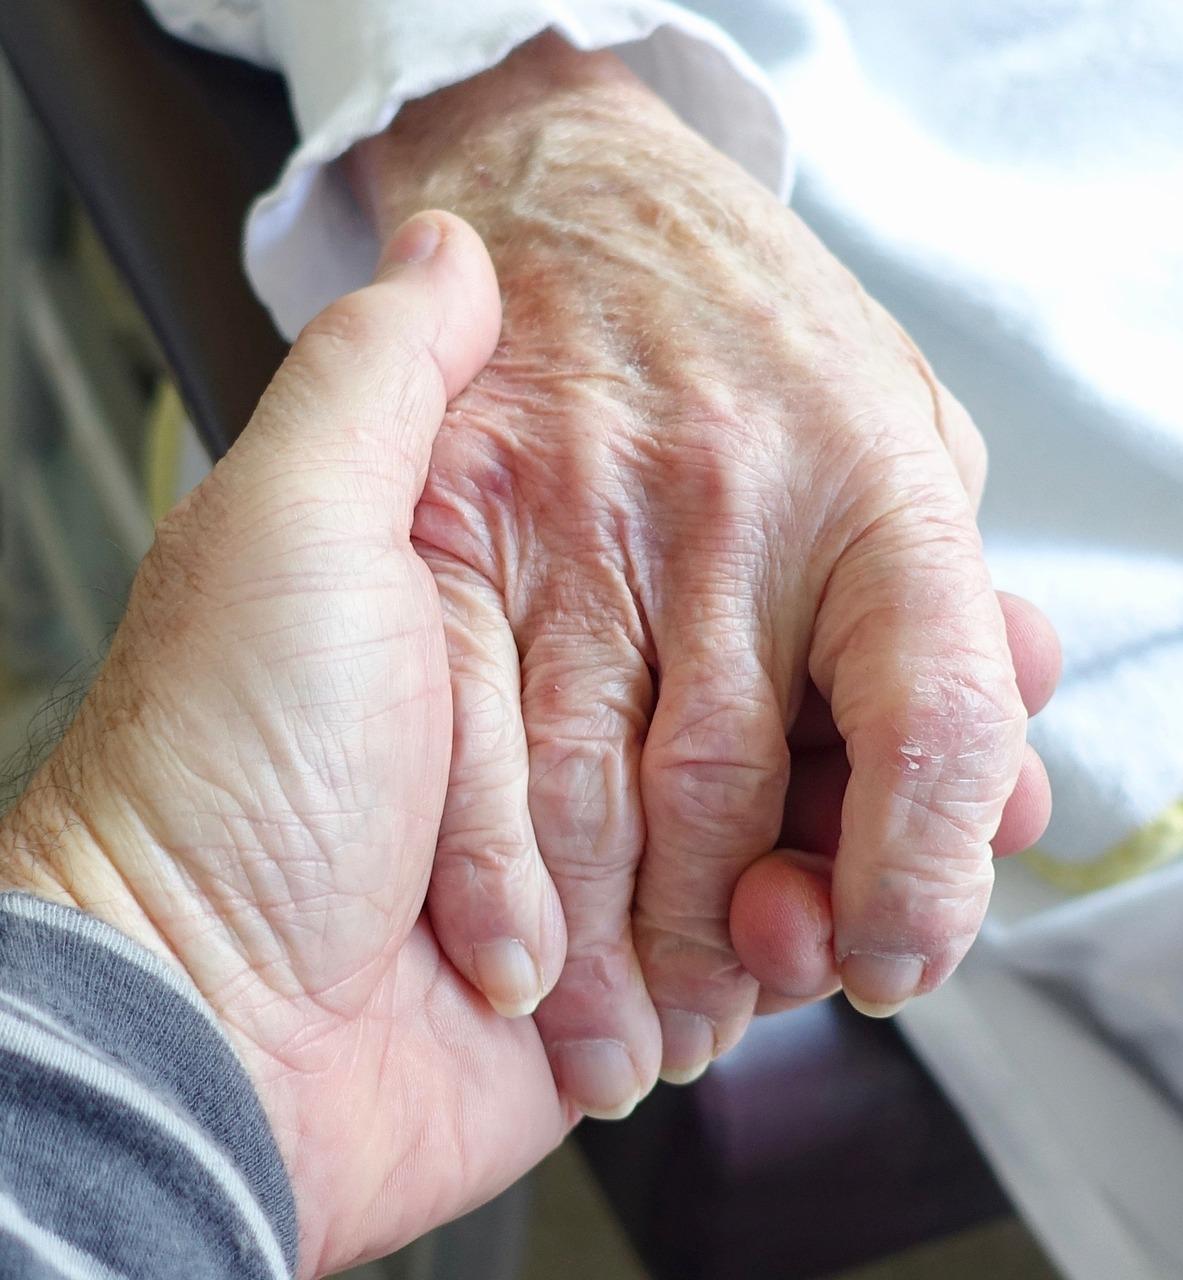 cuidados de personas mayores enfermas y dependientes